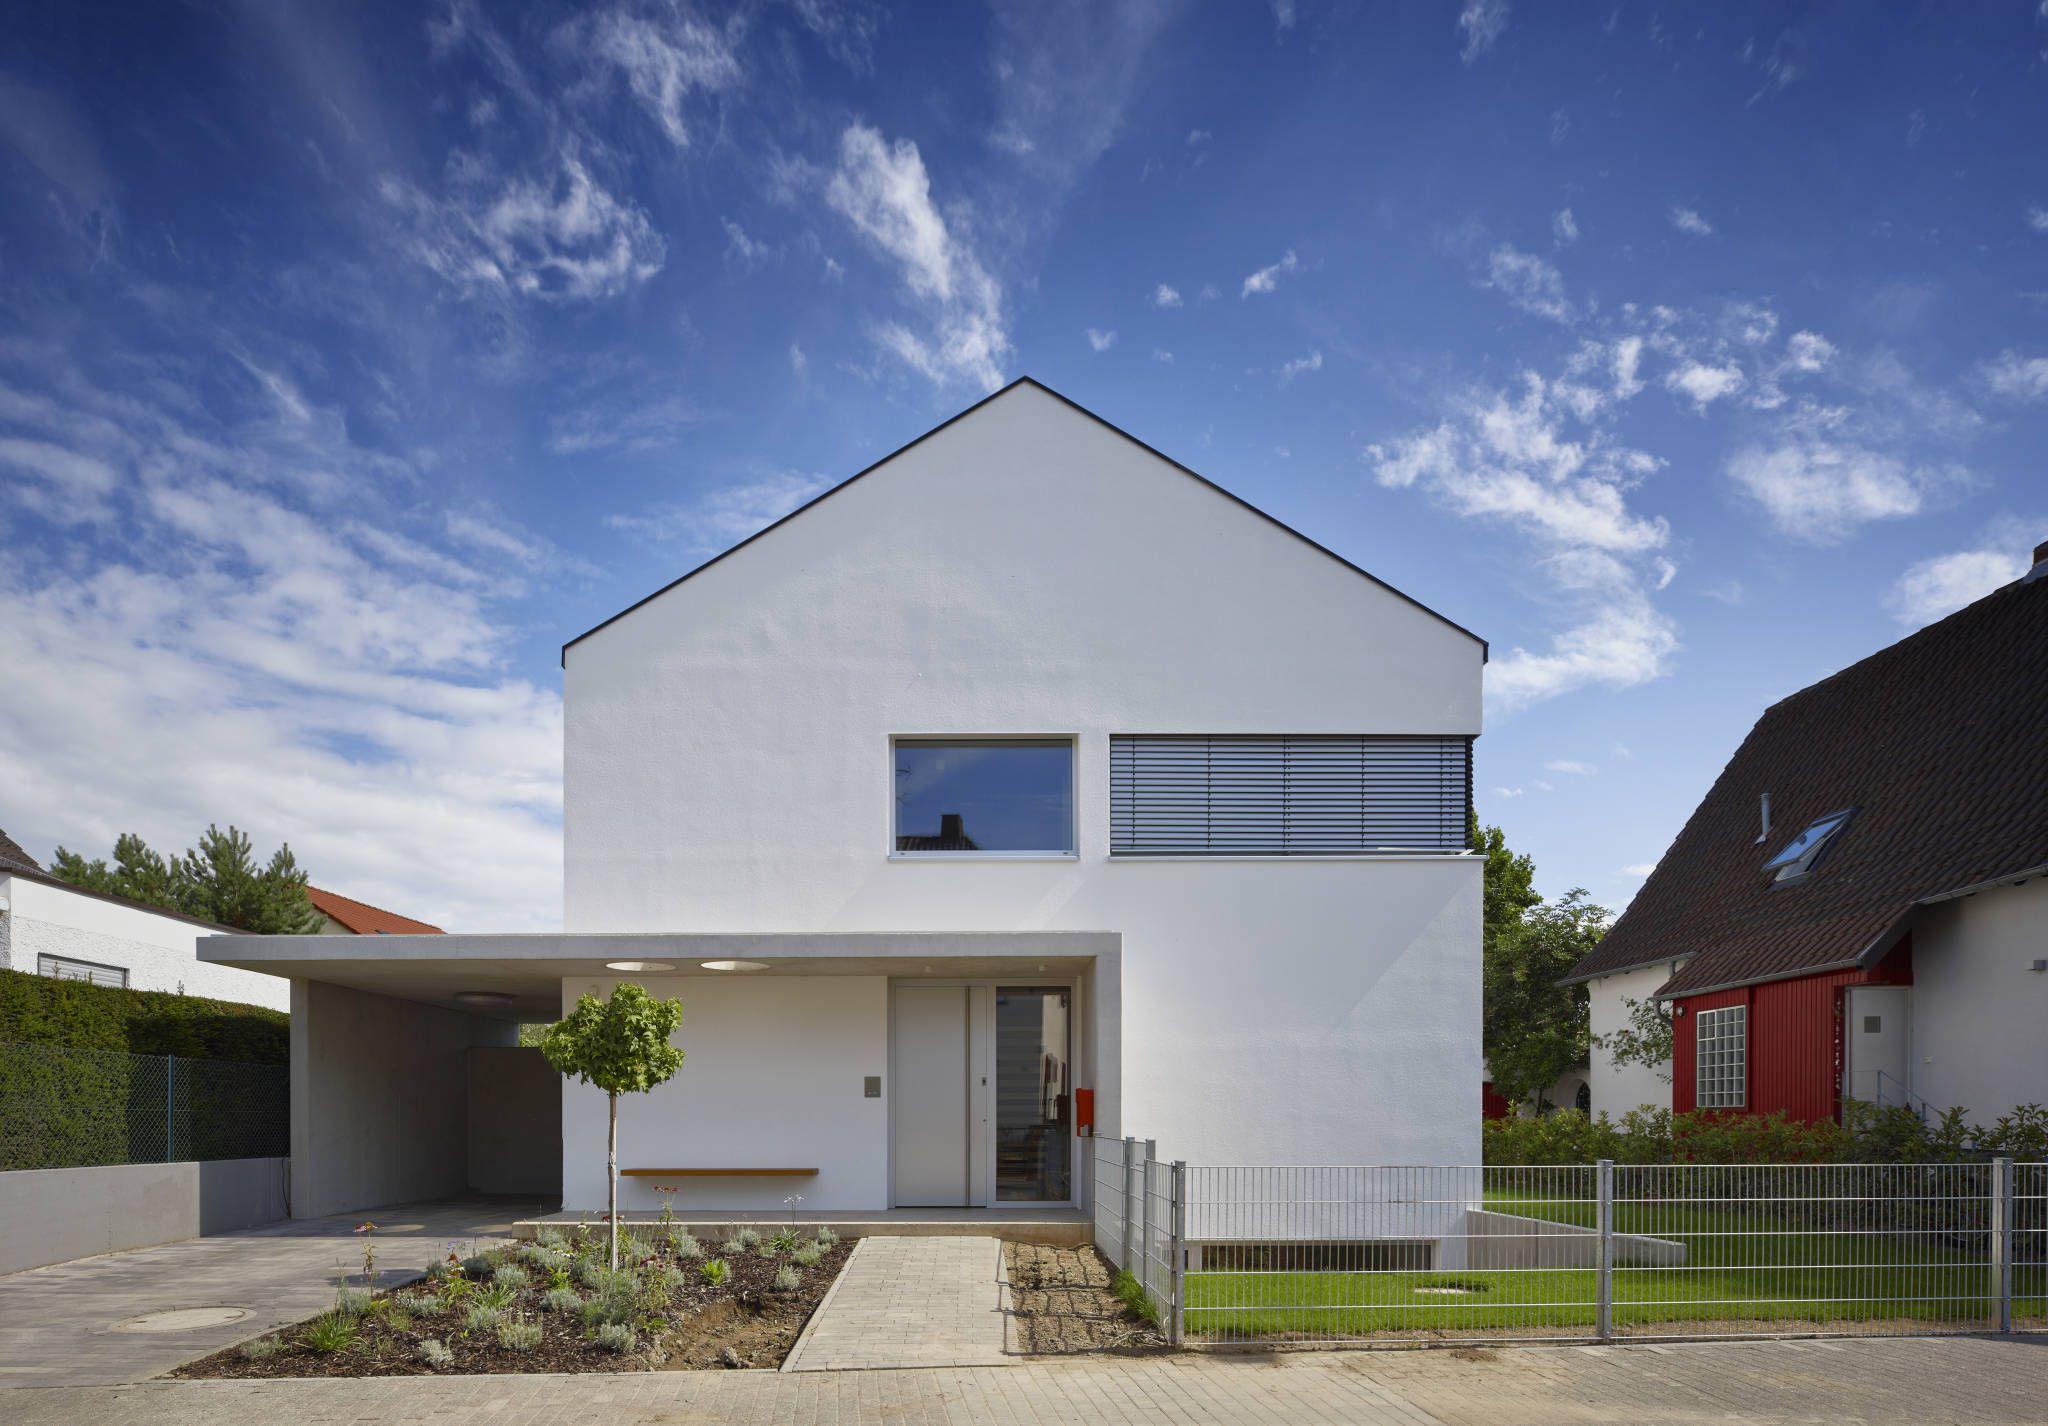 Modernes bungalow innenarchitektur wohnzimmer straßenansicht  moderne häuser von marcus hofbauer architekt